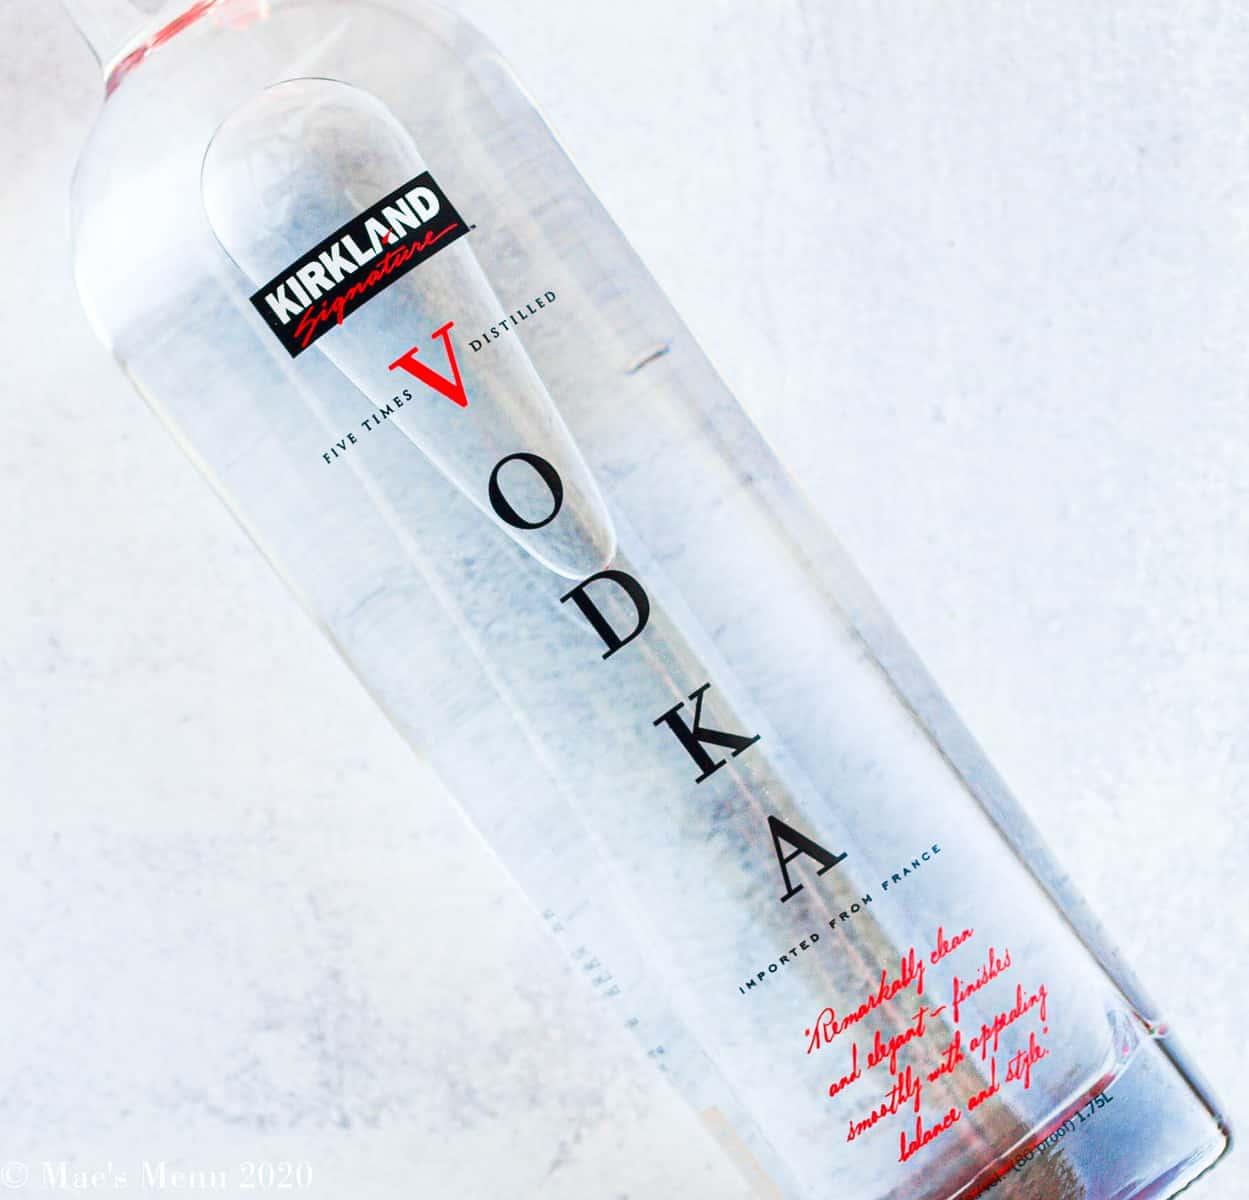 An overhead shot of a kirkland vodka bottle